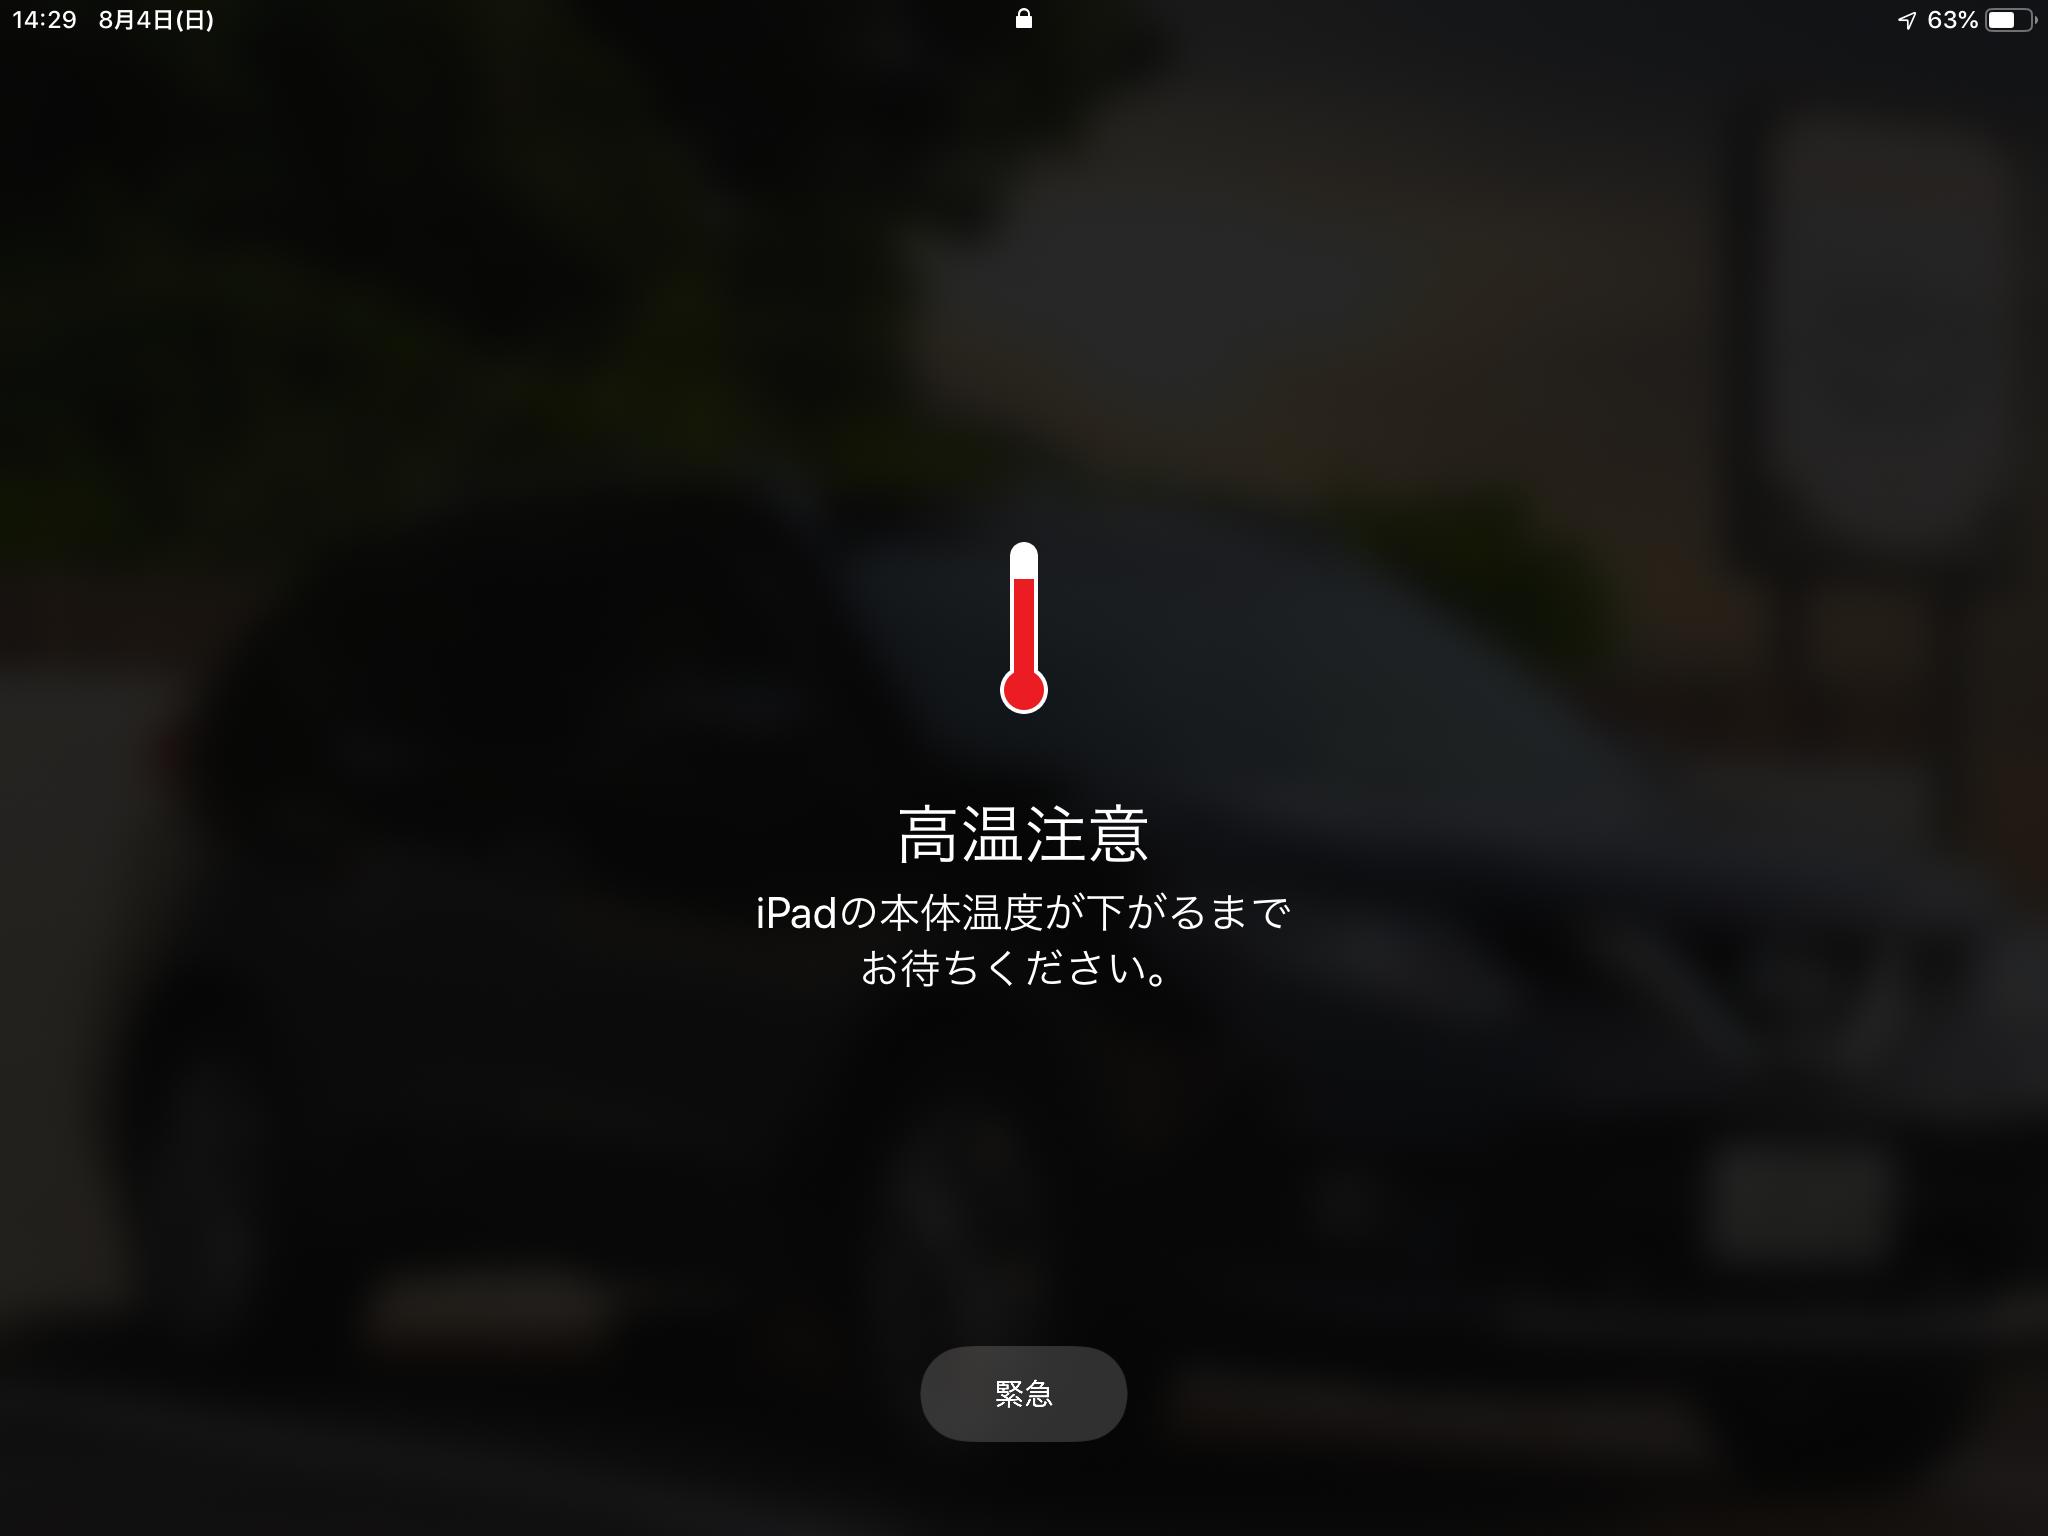 iPad高温注意画面